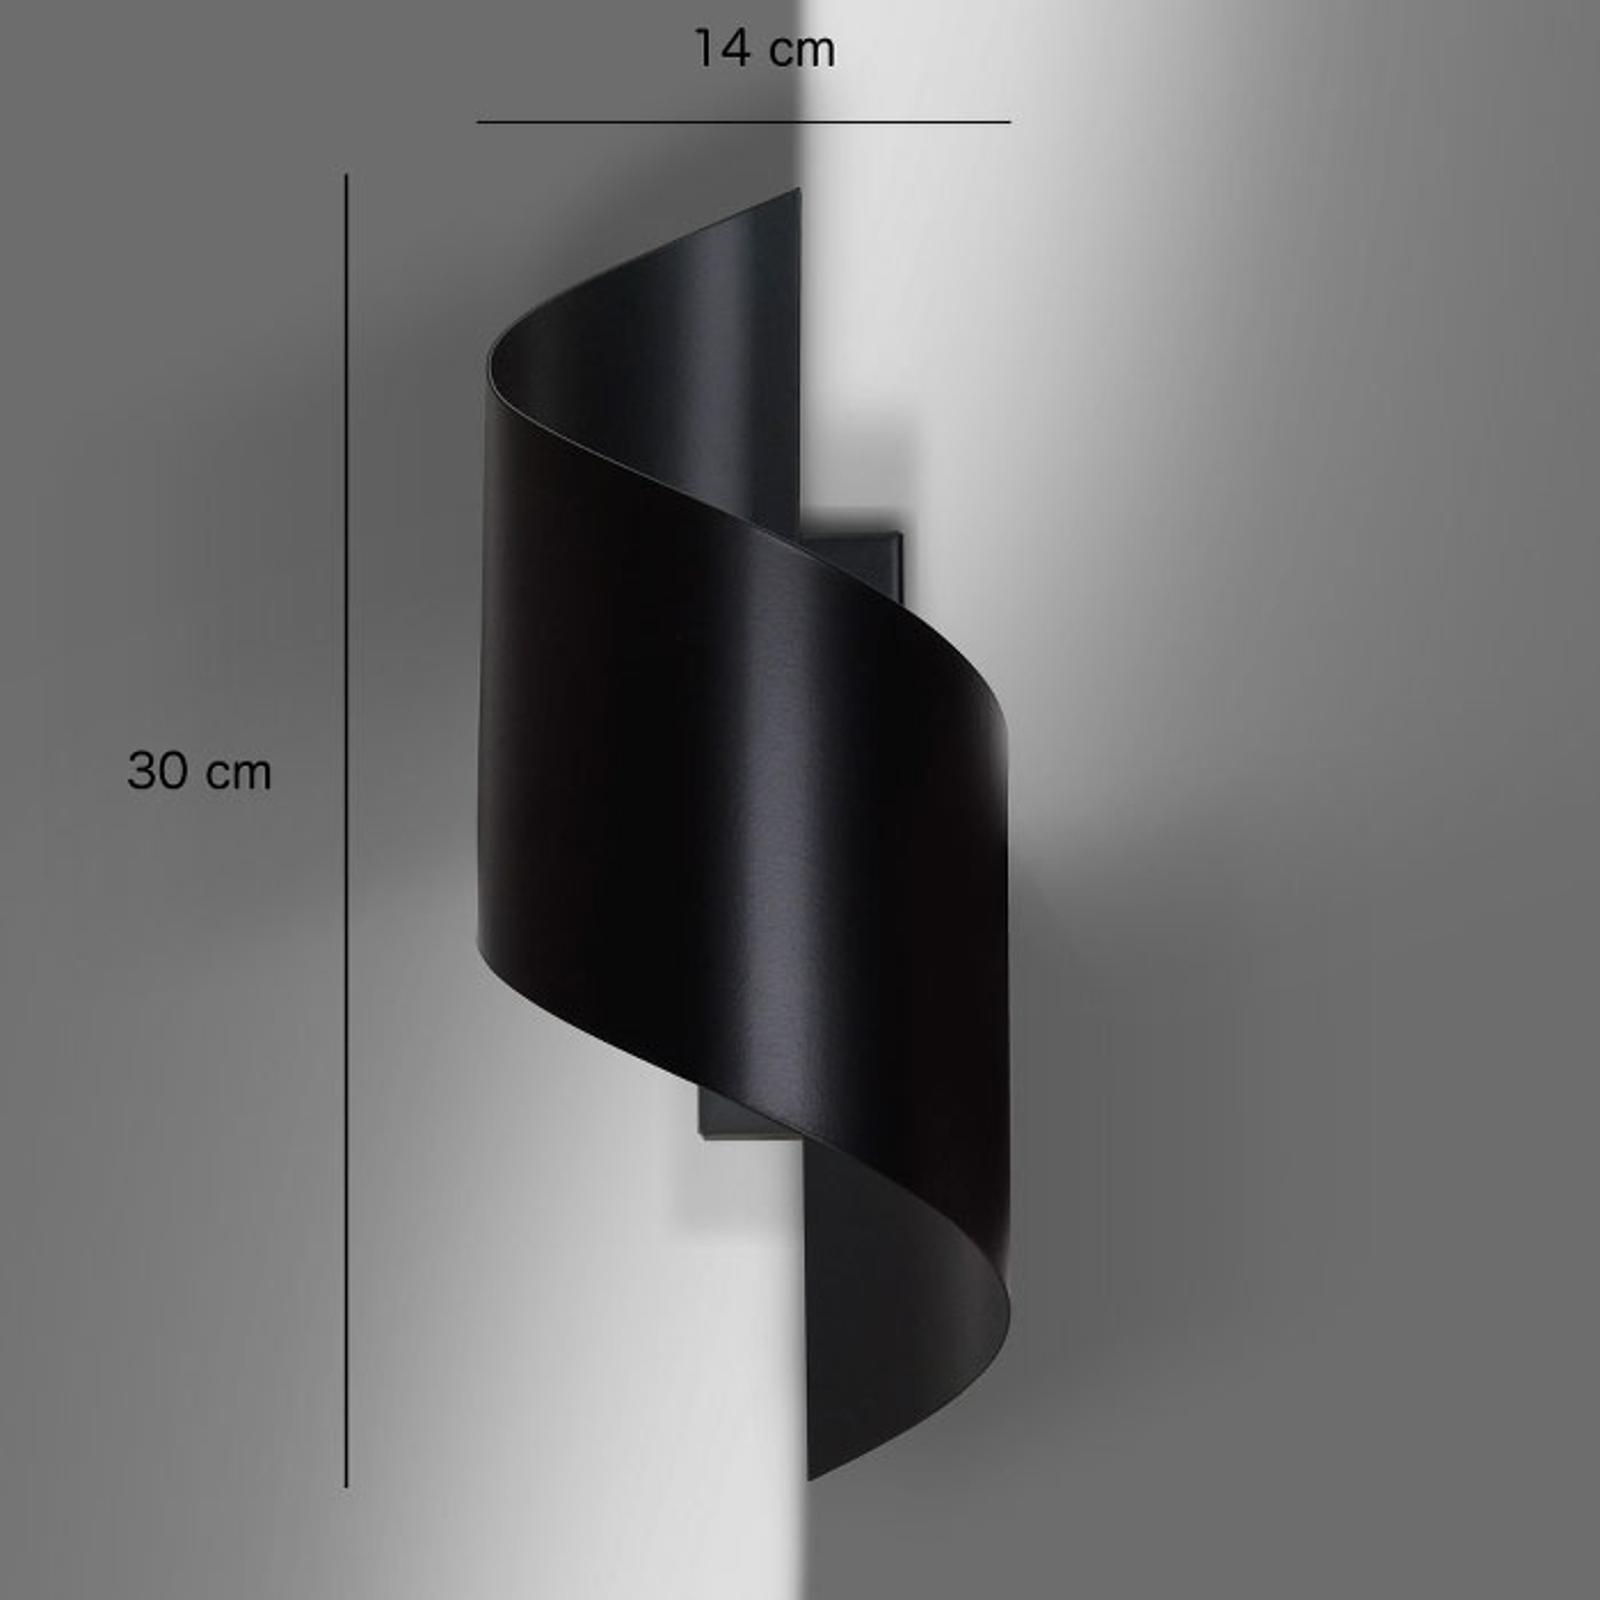 Wandlamp Spiner in de vorm van een spiraal, zwart